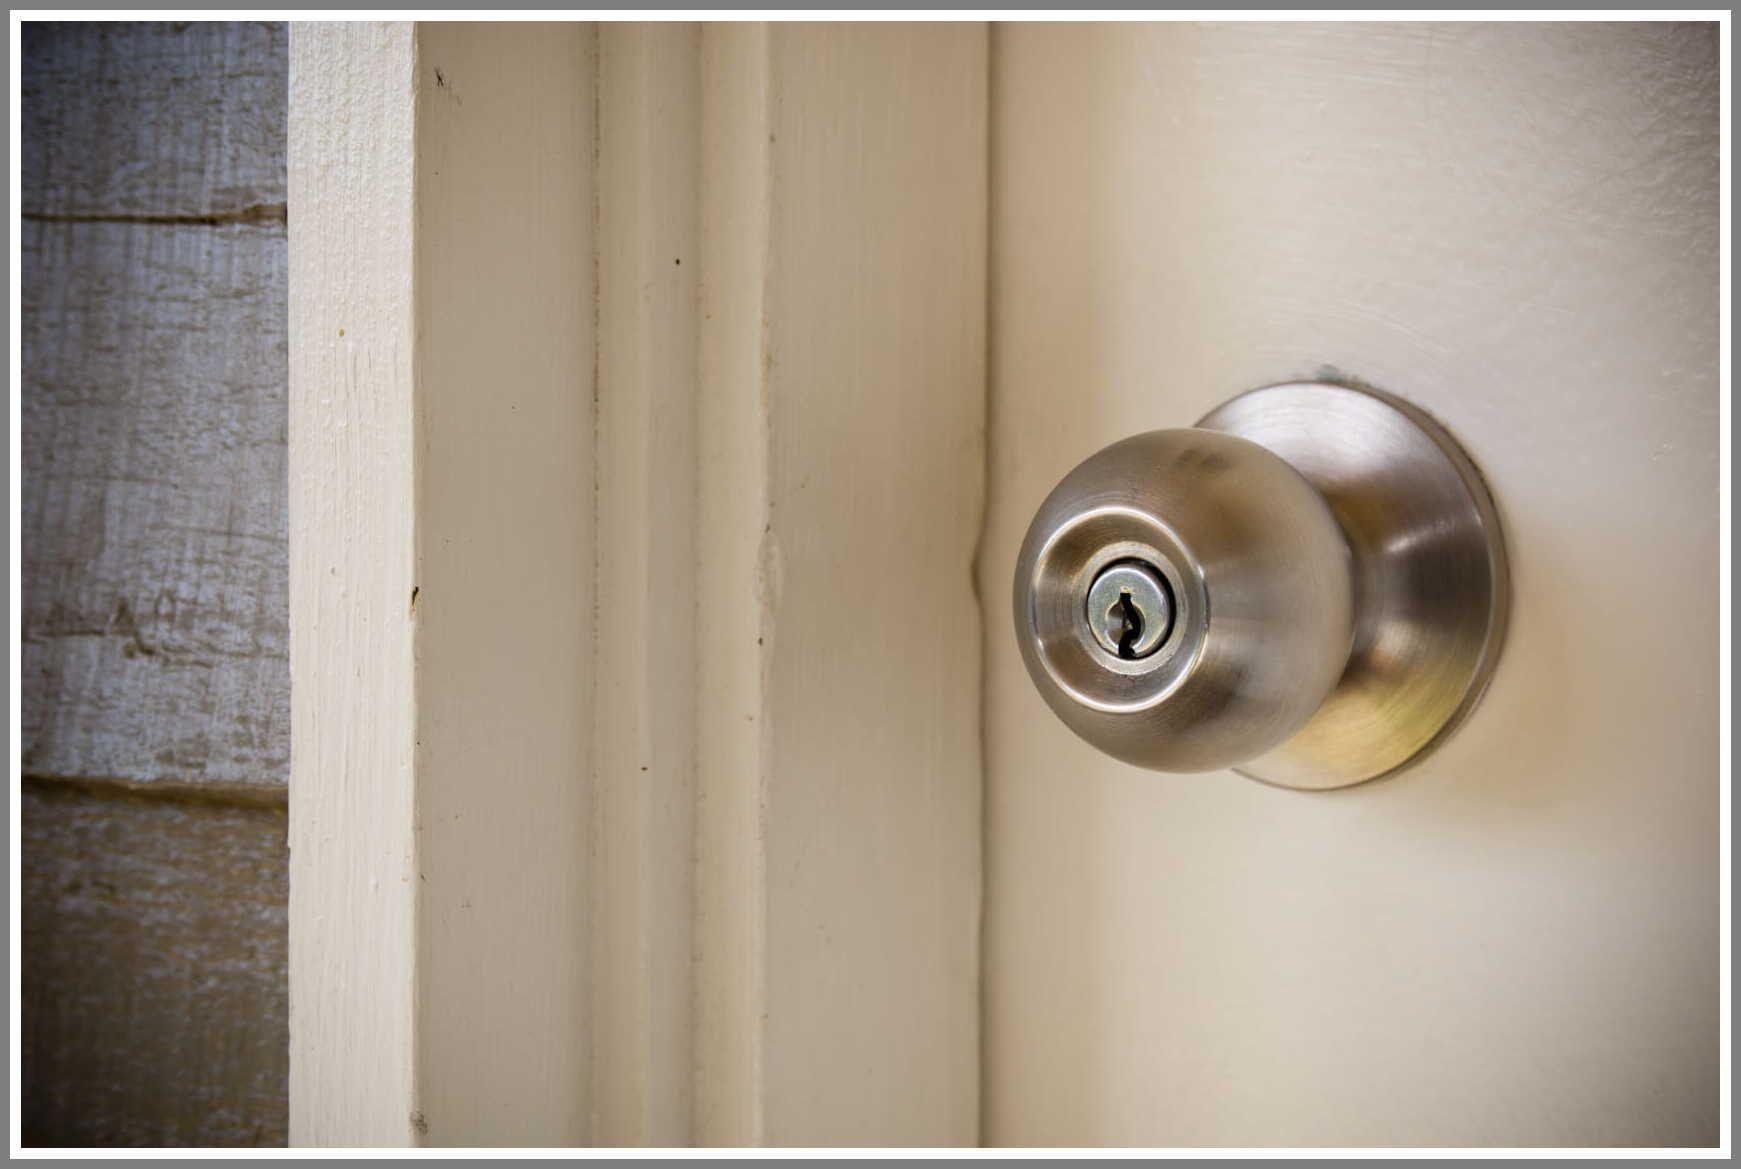 107 Reference Of Best Door Lock Front Door In 2020 Front Door Handles Best Front Doors Door Handles